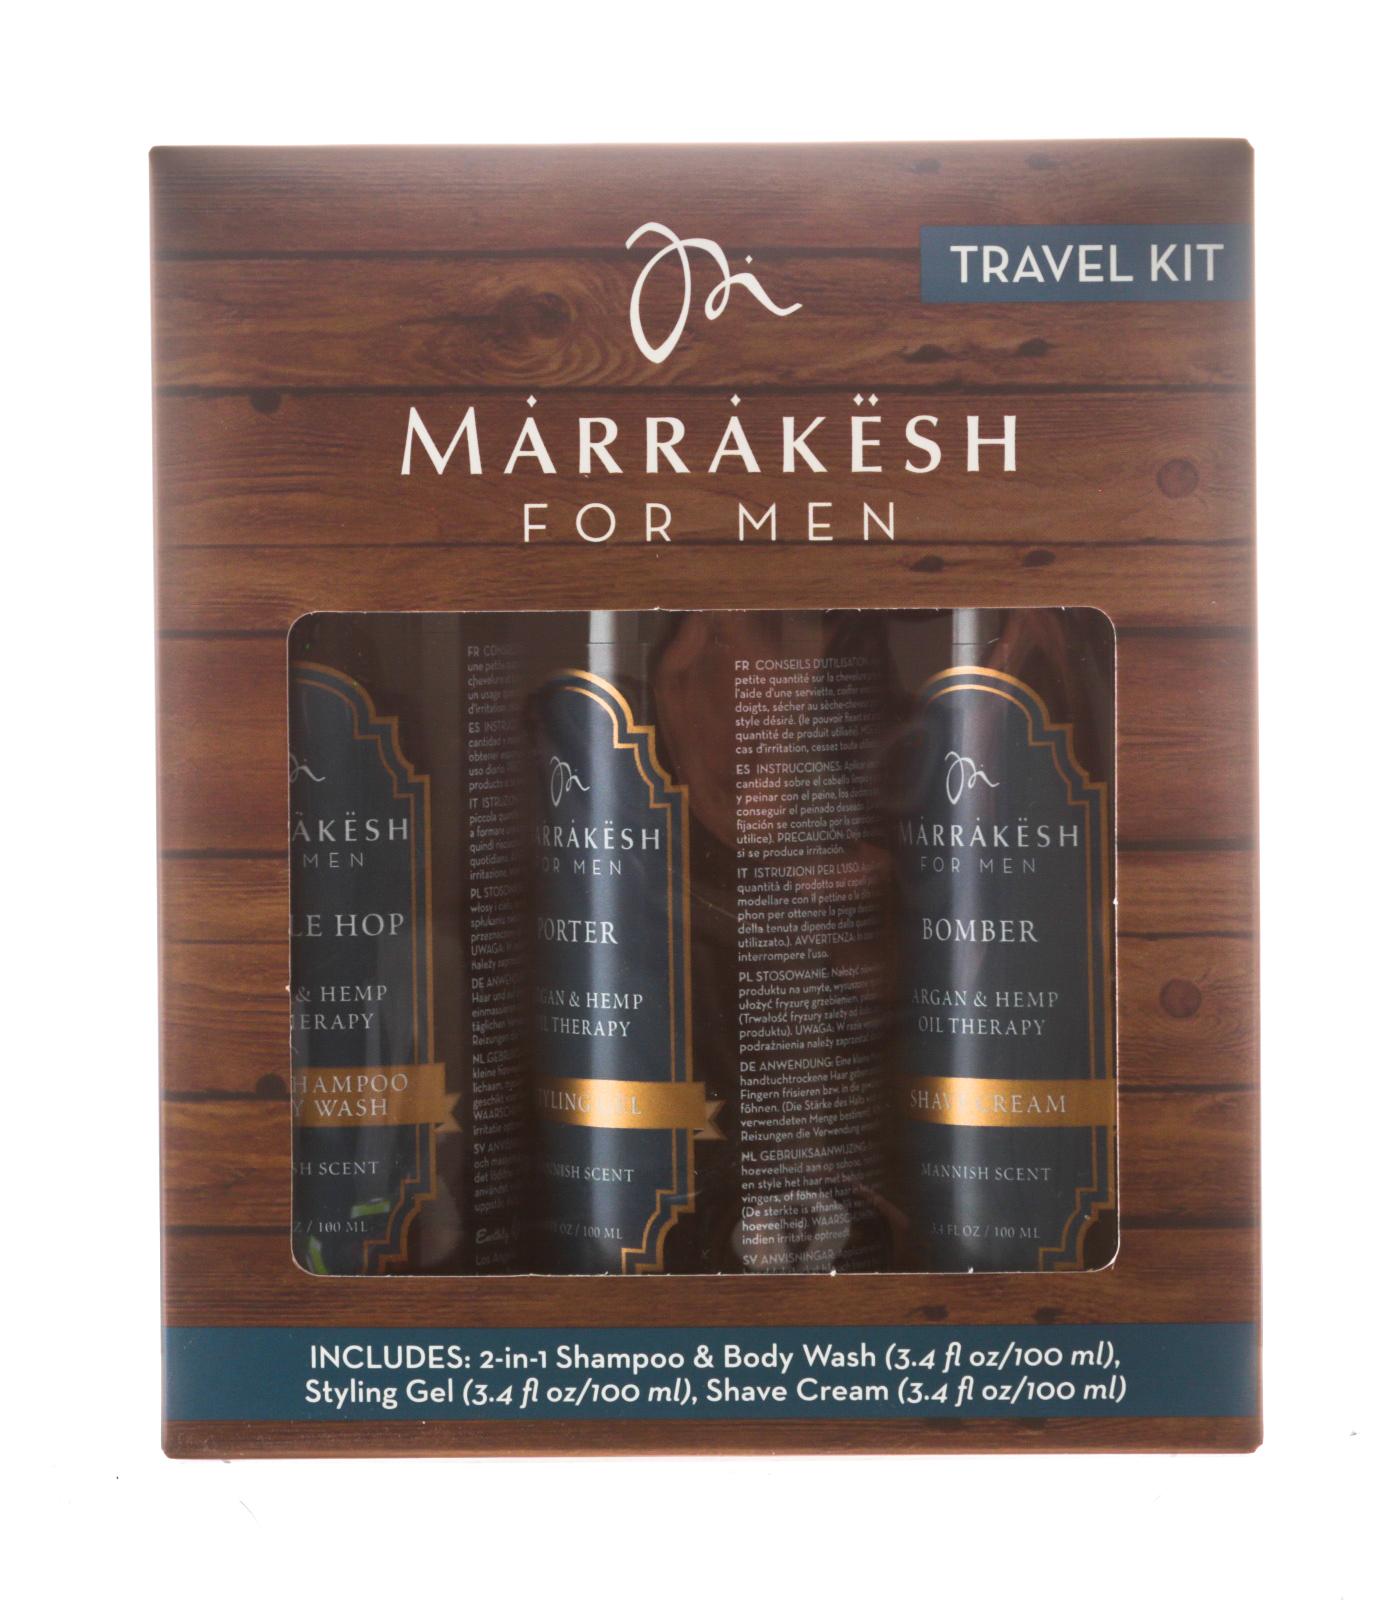 Купить Marrakesh Дорожный набор для мужчин Travel Kit (шампунь 100 мл + крем для бритья 100 мл + гель для укладки 100 мл) (Marrakesh, For men)